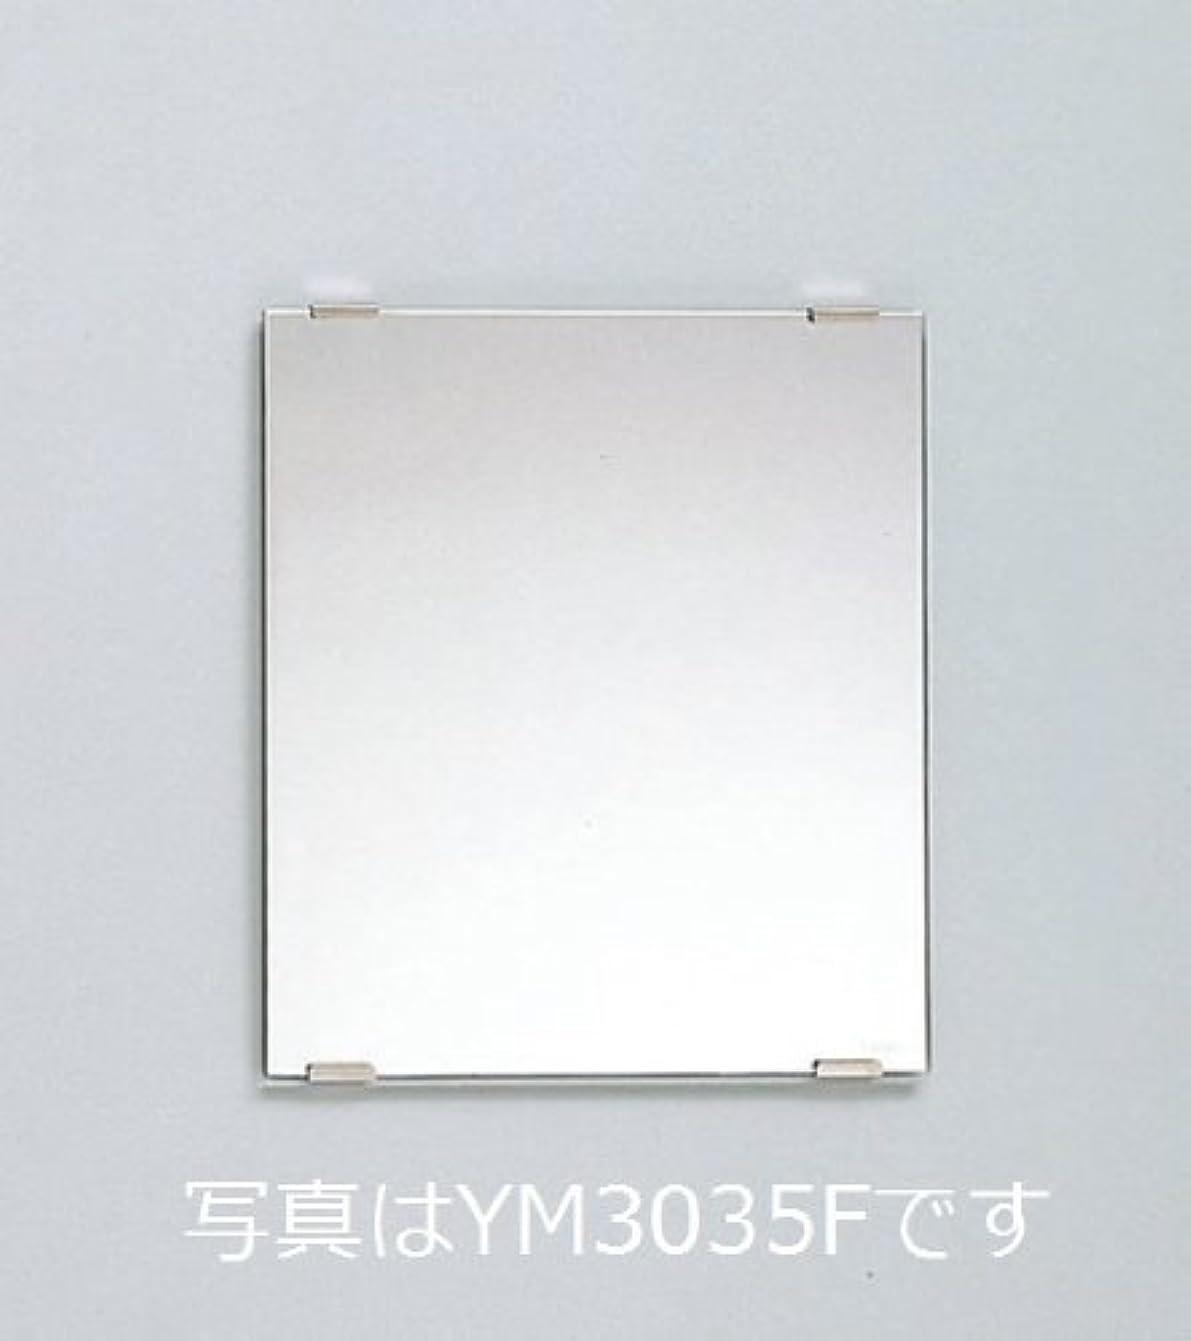 便宜バイアスマンハッタンTOTO 化粧鏡 YM3560F 耐食鏡 角型 350×600(mm)